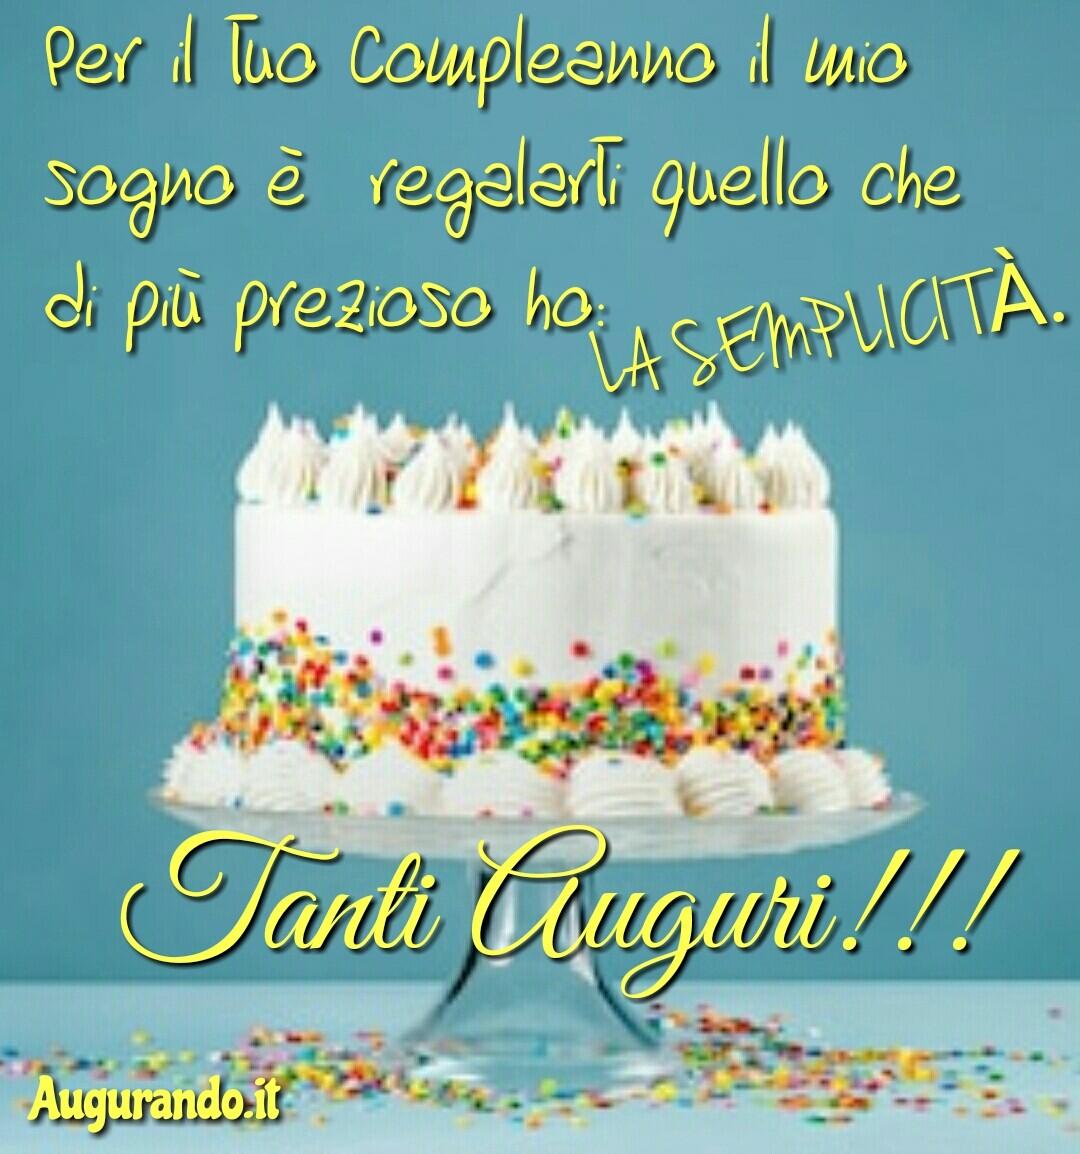 Buon compleanno, tanti auguri, happy birthday, Augurissimi, festa, compleanno, felice compleanno, cari auguri, dolce compleanno, immagine compleanno, auguri compleanno,